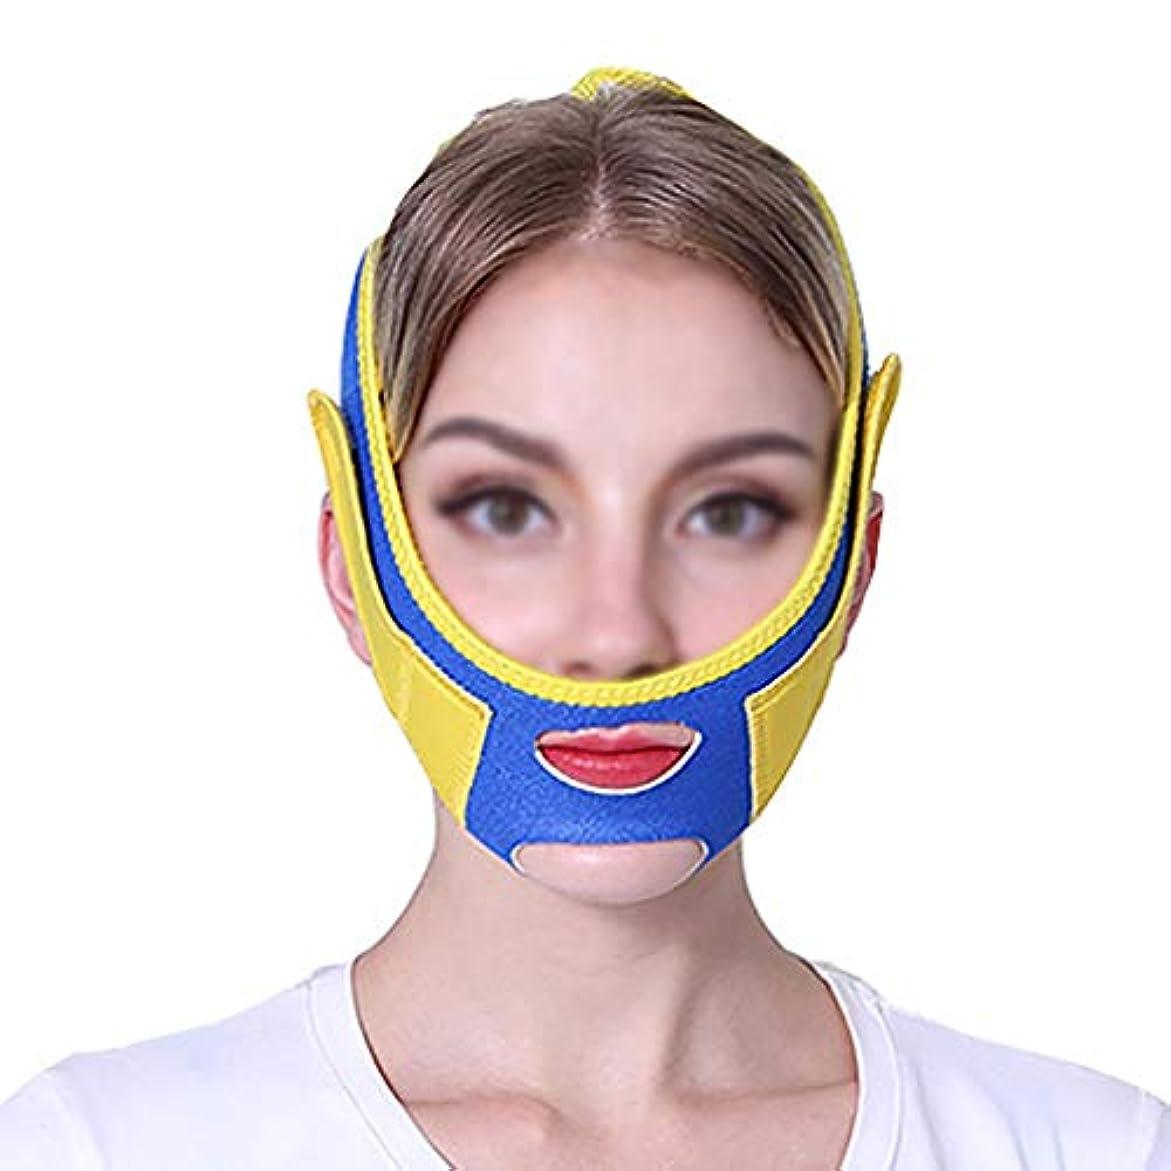 満州ラリー陪審GLJJQMY ファーミングマスクスモールvフェイスアーティファクトリフティングマスクフェイスリフティングフェイスリフティングマスクファーミングクリームフェイシャルリフティング包帯 顔用整形マスク